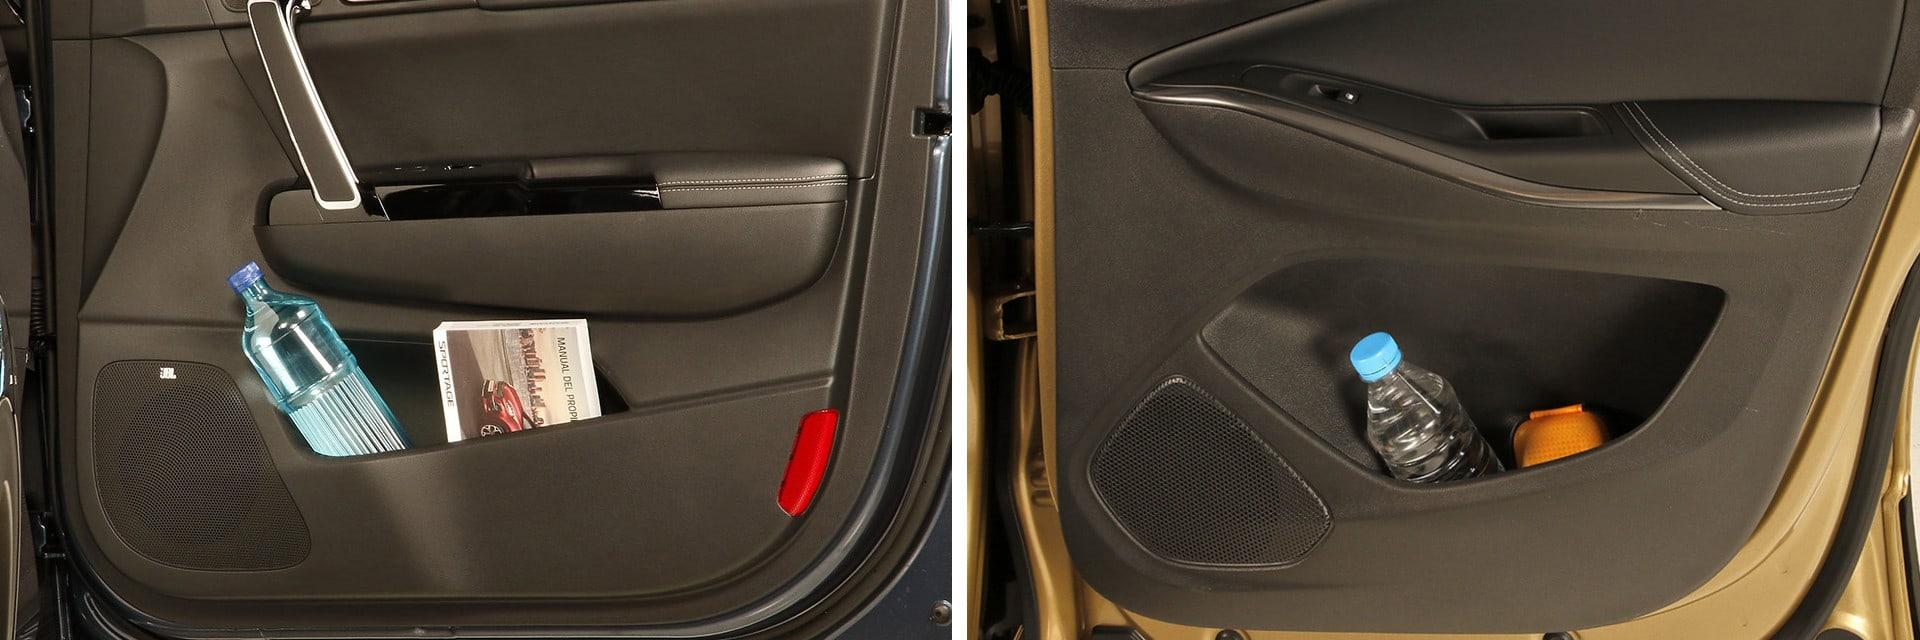 Las puertas, tanto del Sportage (izq.) como del Grandland X (dcha.), cuentan con suficiente espacio para guardar una botella de agua pequeña y algún objeto más.